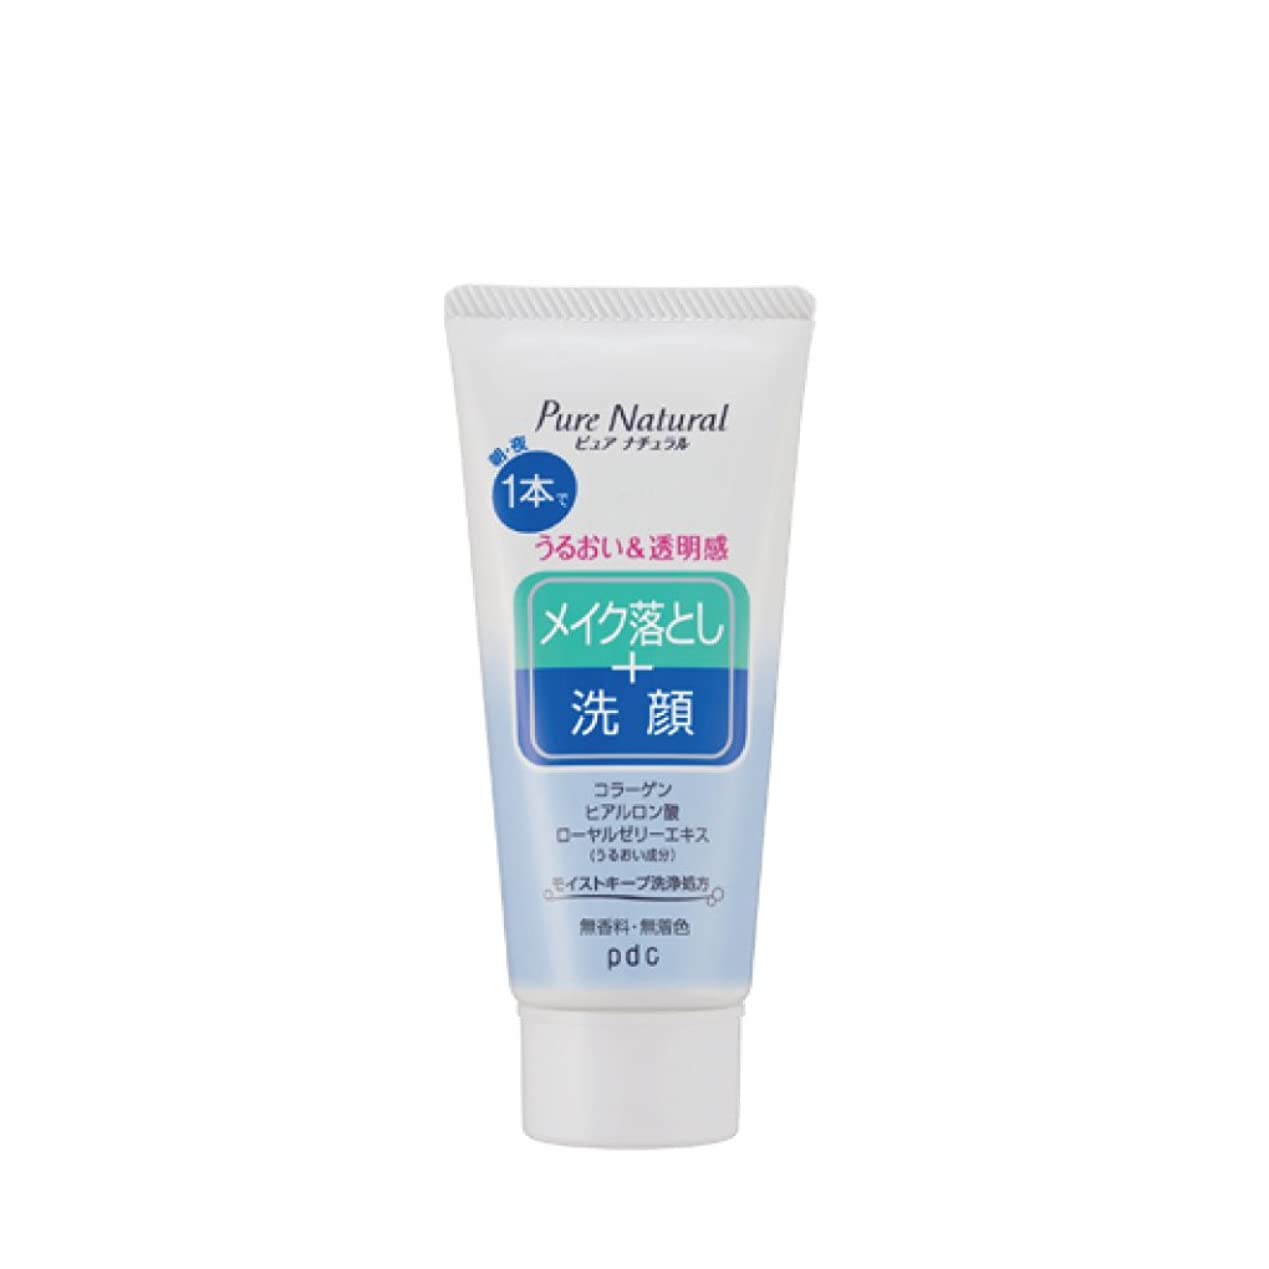 倍増マイク製造業Pure NATURAL(ピュアナチュラル) クレンジング洗顔 (ミニサイズ) 70g